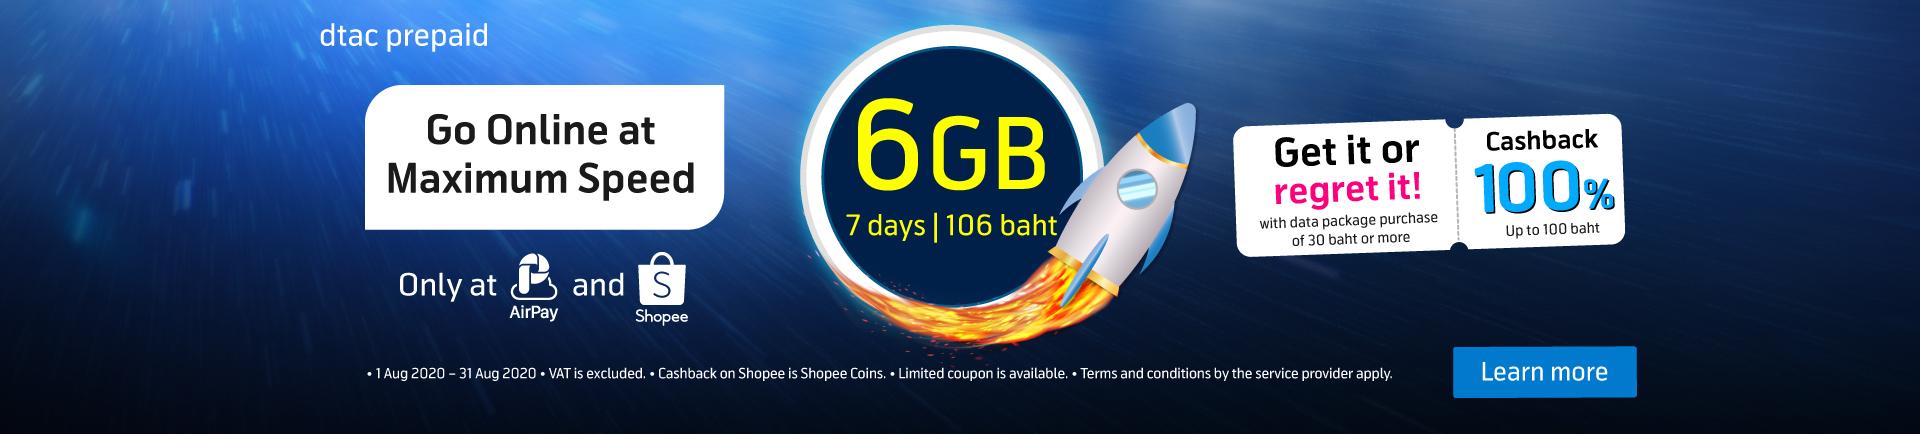 Net Max Speed 6GB